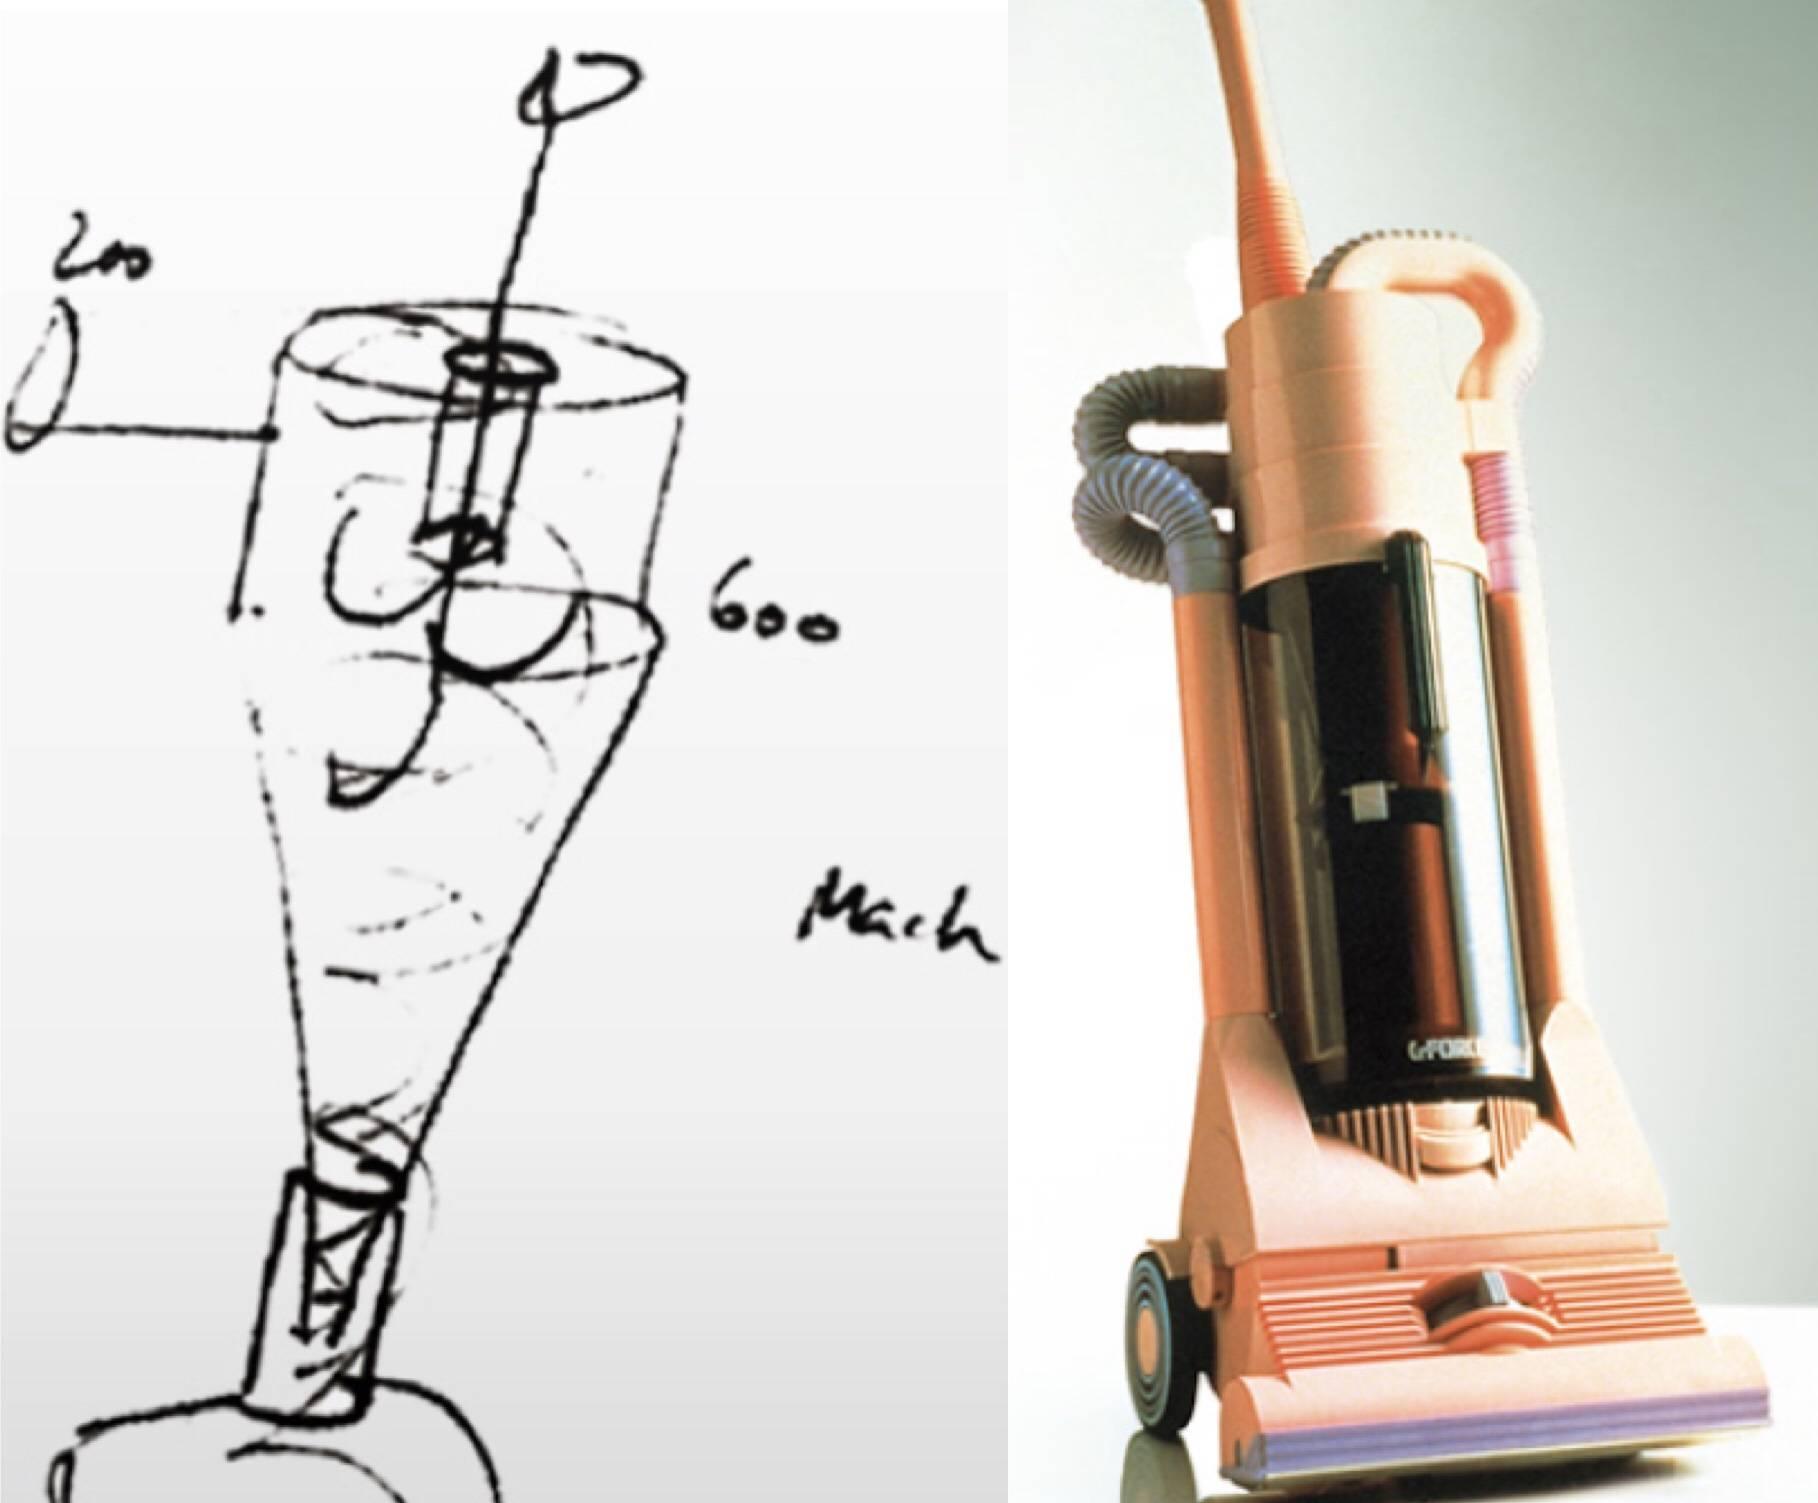 """戴森第一代无尘袋吸尘器手稿(左);戴森第一台无尘袋真空吸尘器""""G-Force""""(右)"""